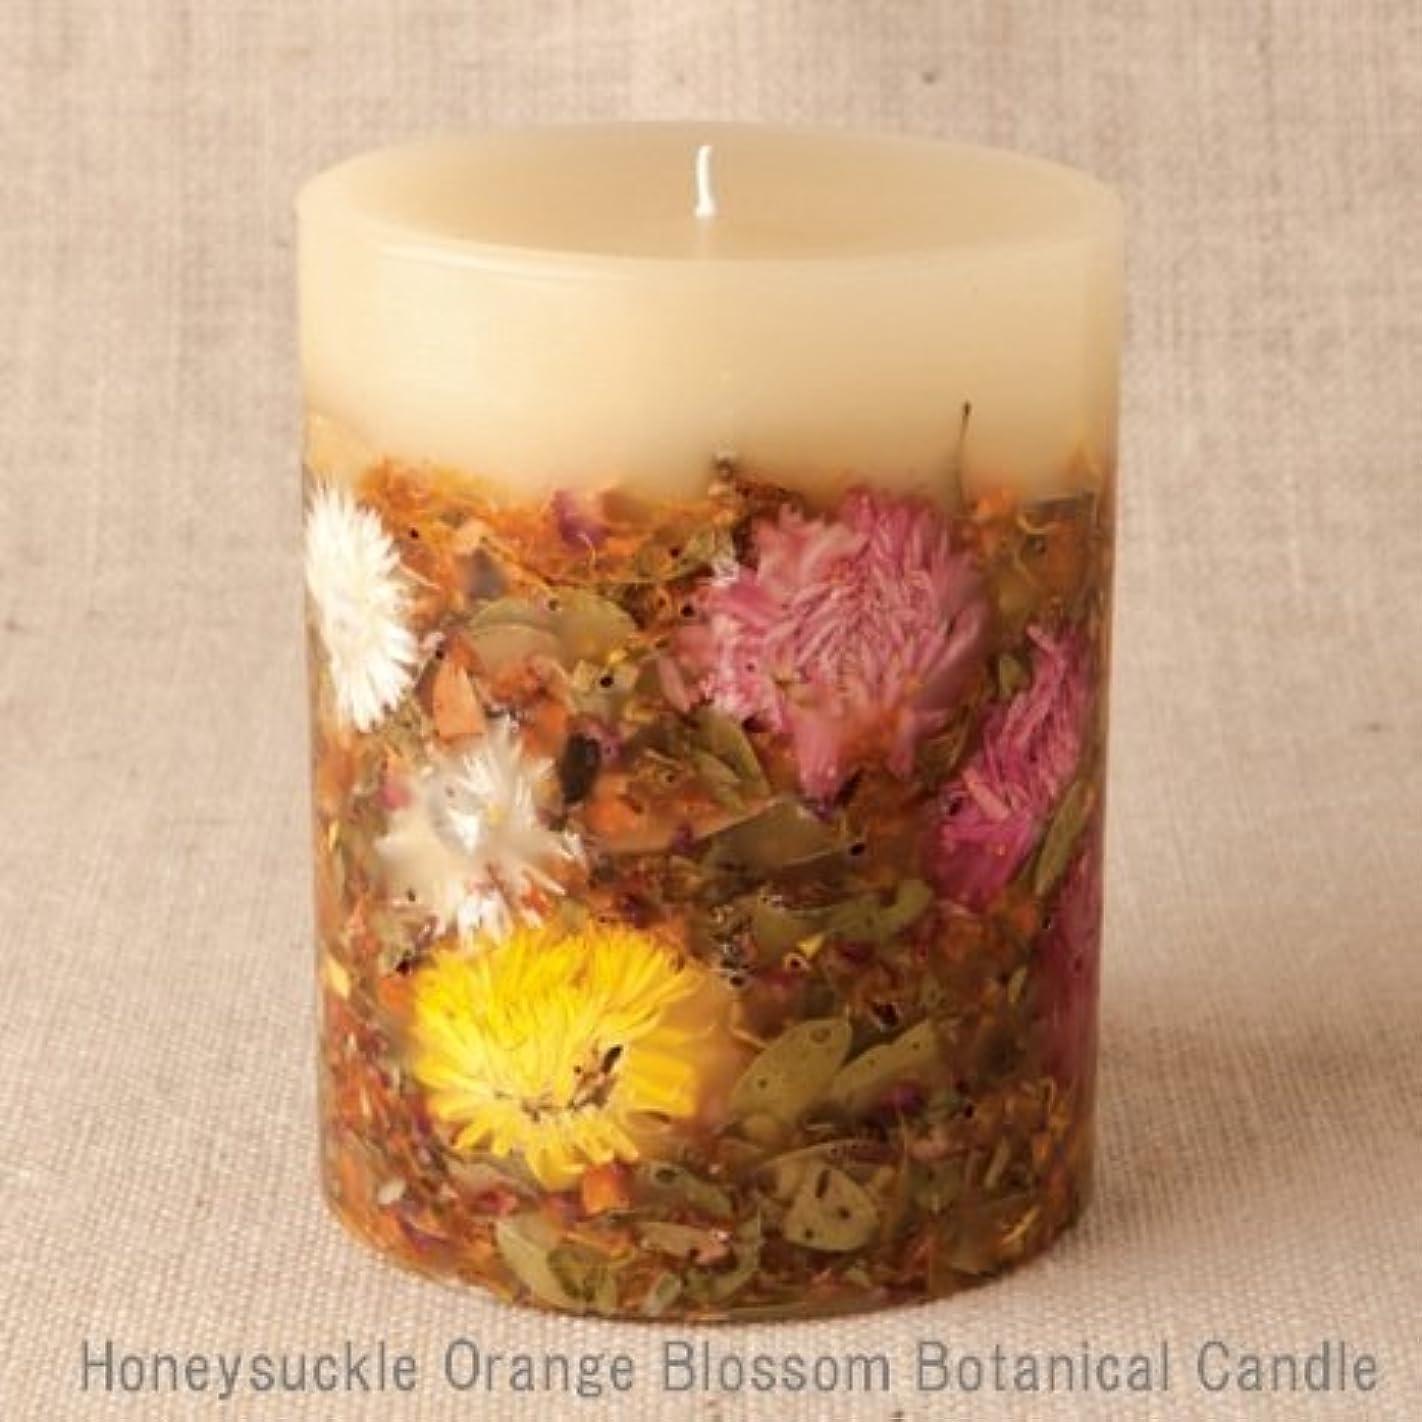 もちろん想起送料【Rosy Rings ロージーリングス】 Botanical candle キャンドル ハニーサックルオレンジ&ブロッサム